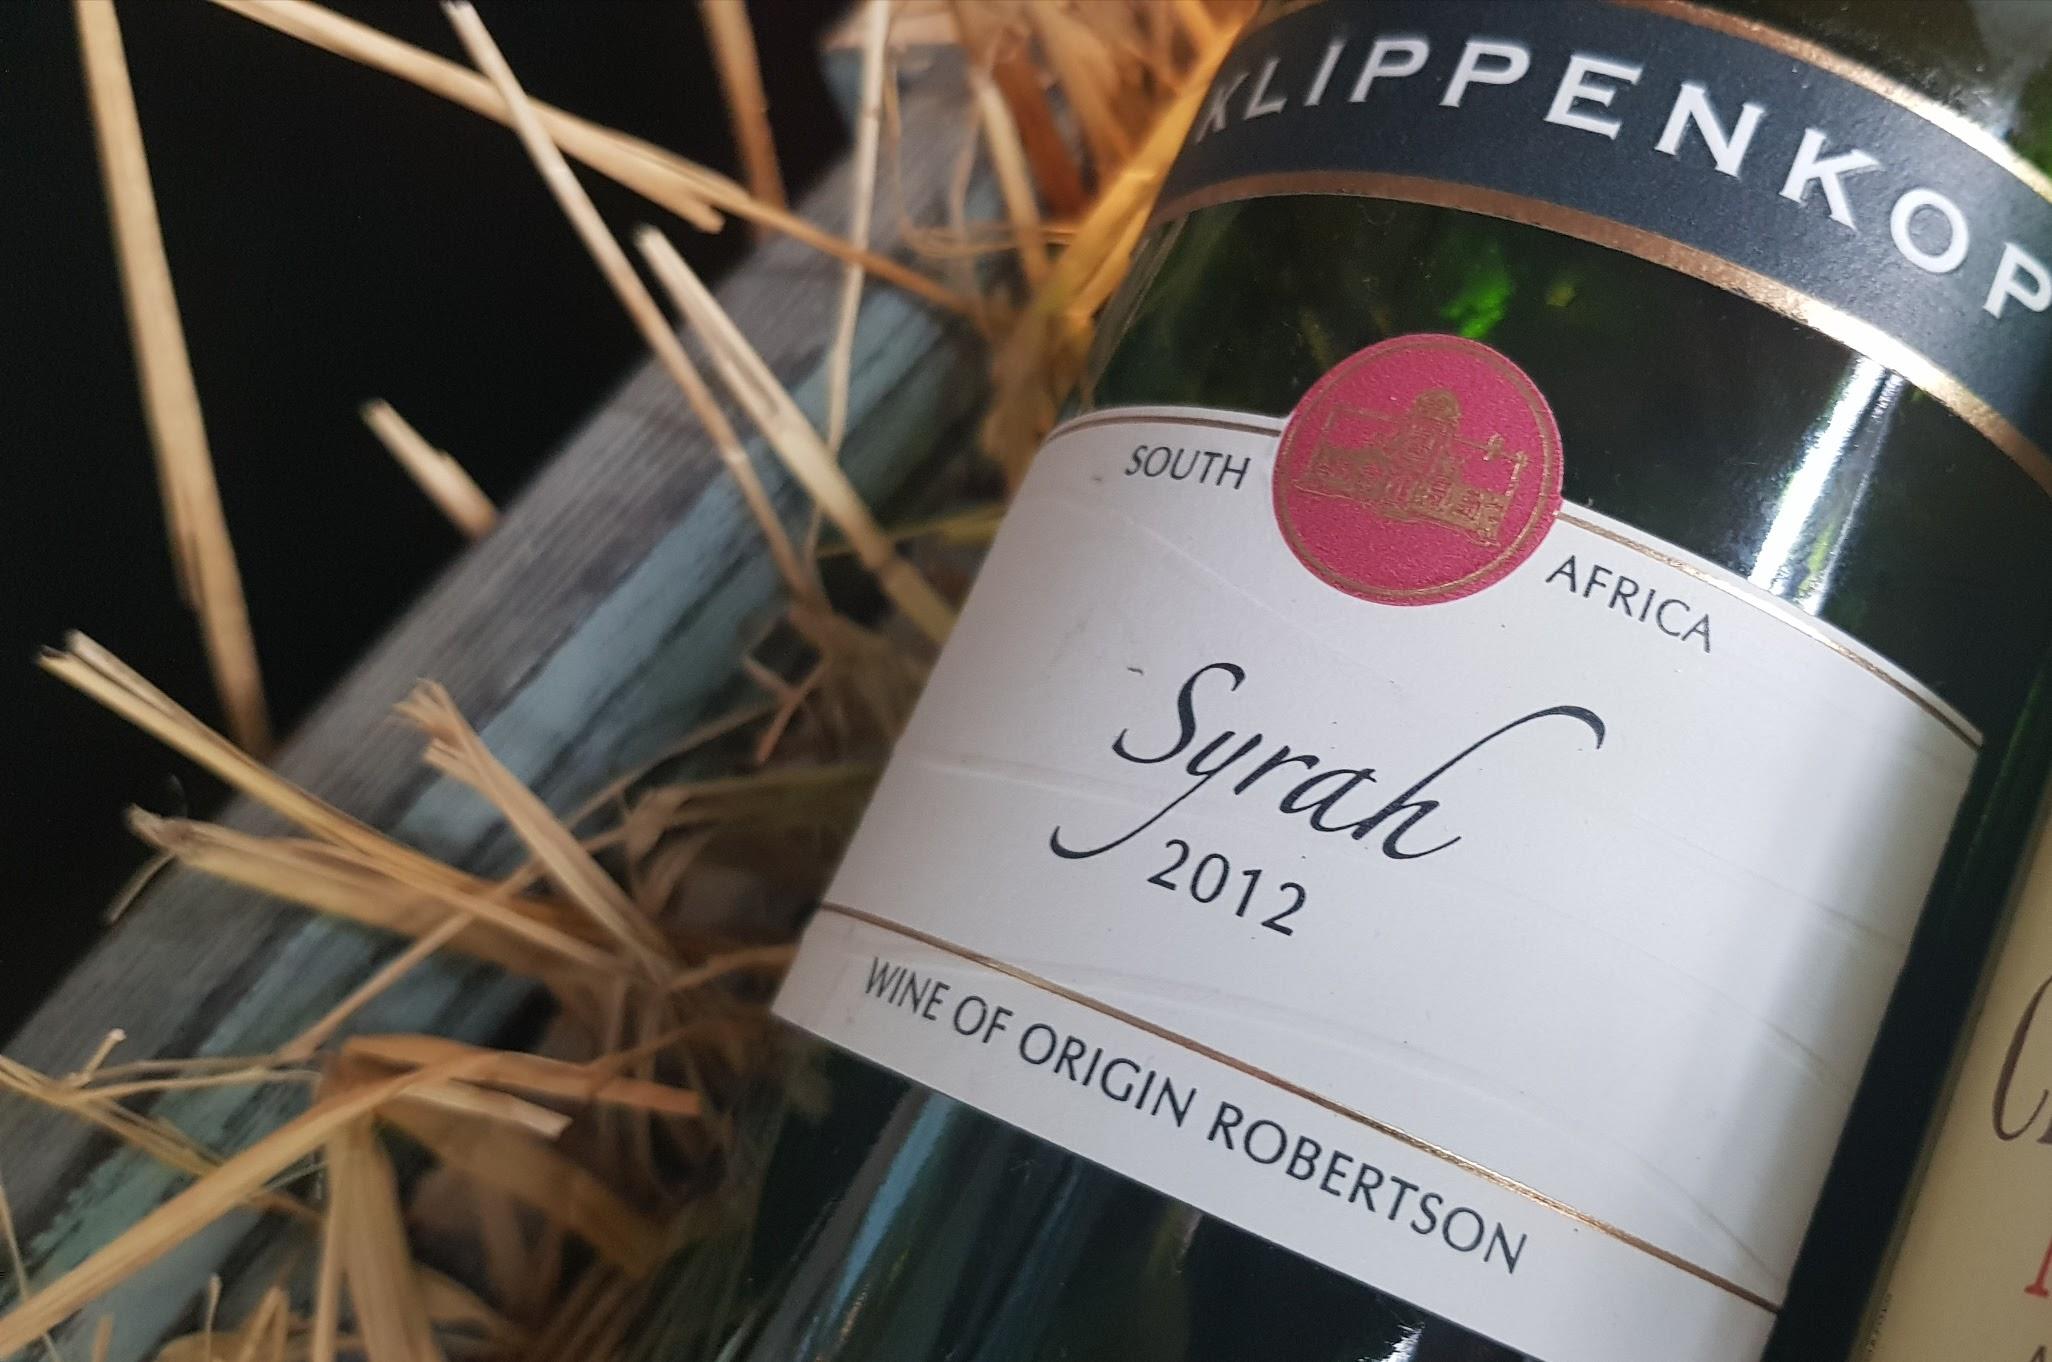 Wine - Syrah